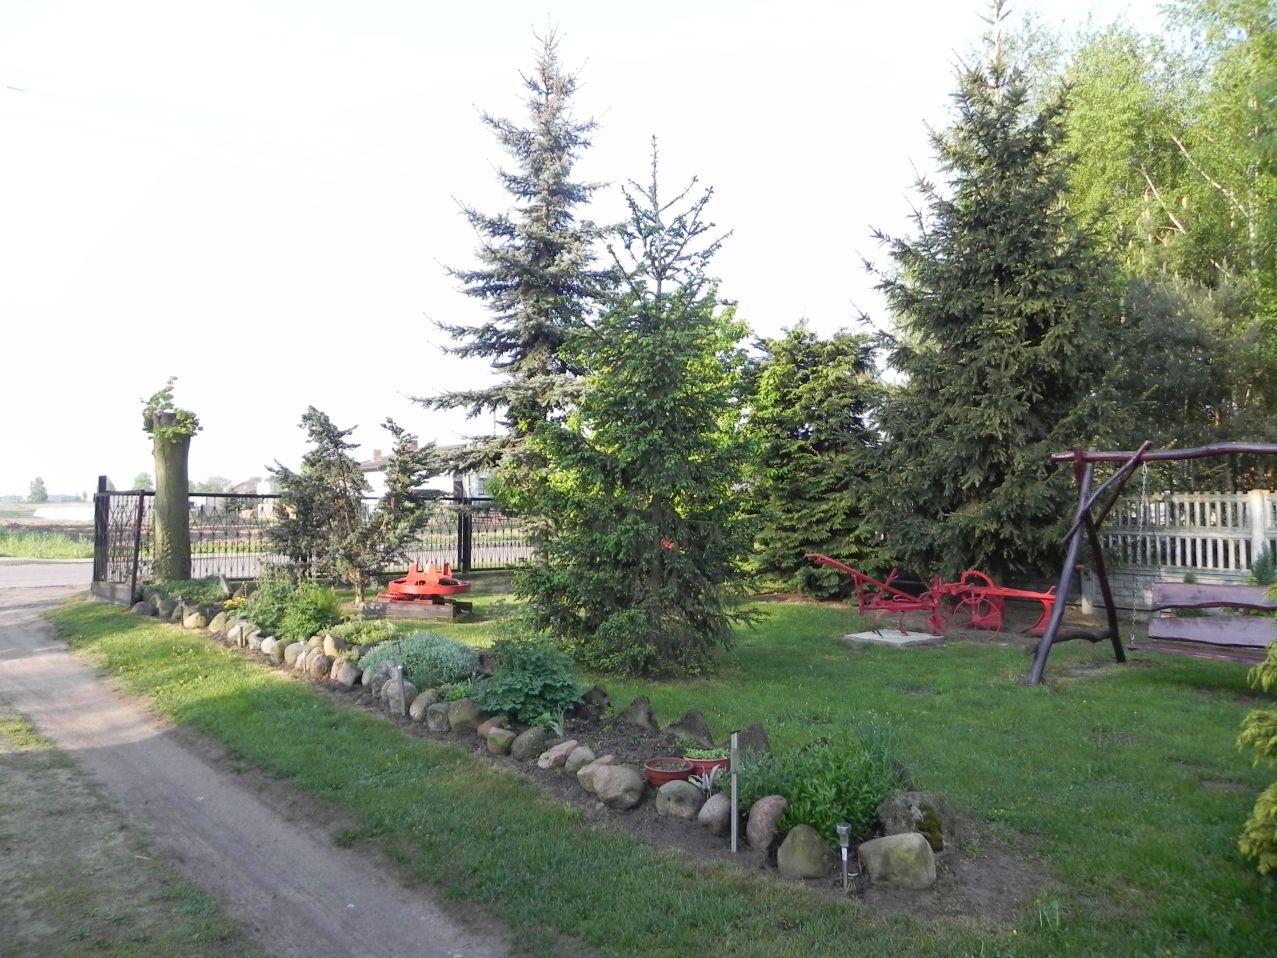 Galeria zdjęć Sochowej Zagrody - podwórko i przyroda (24)